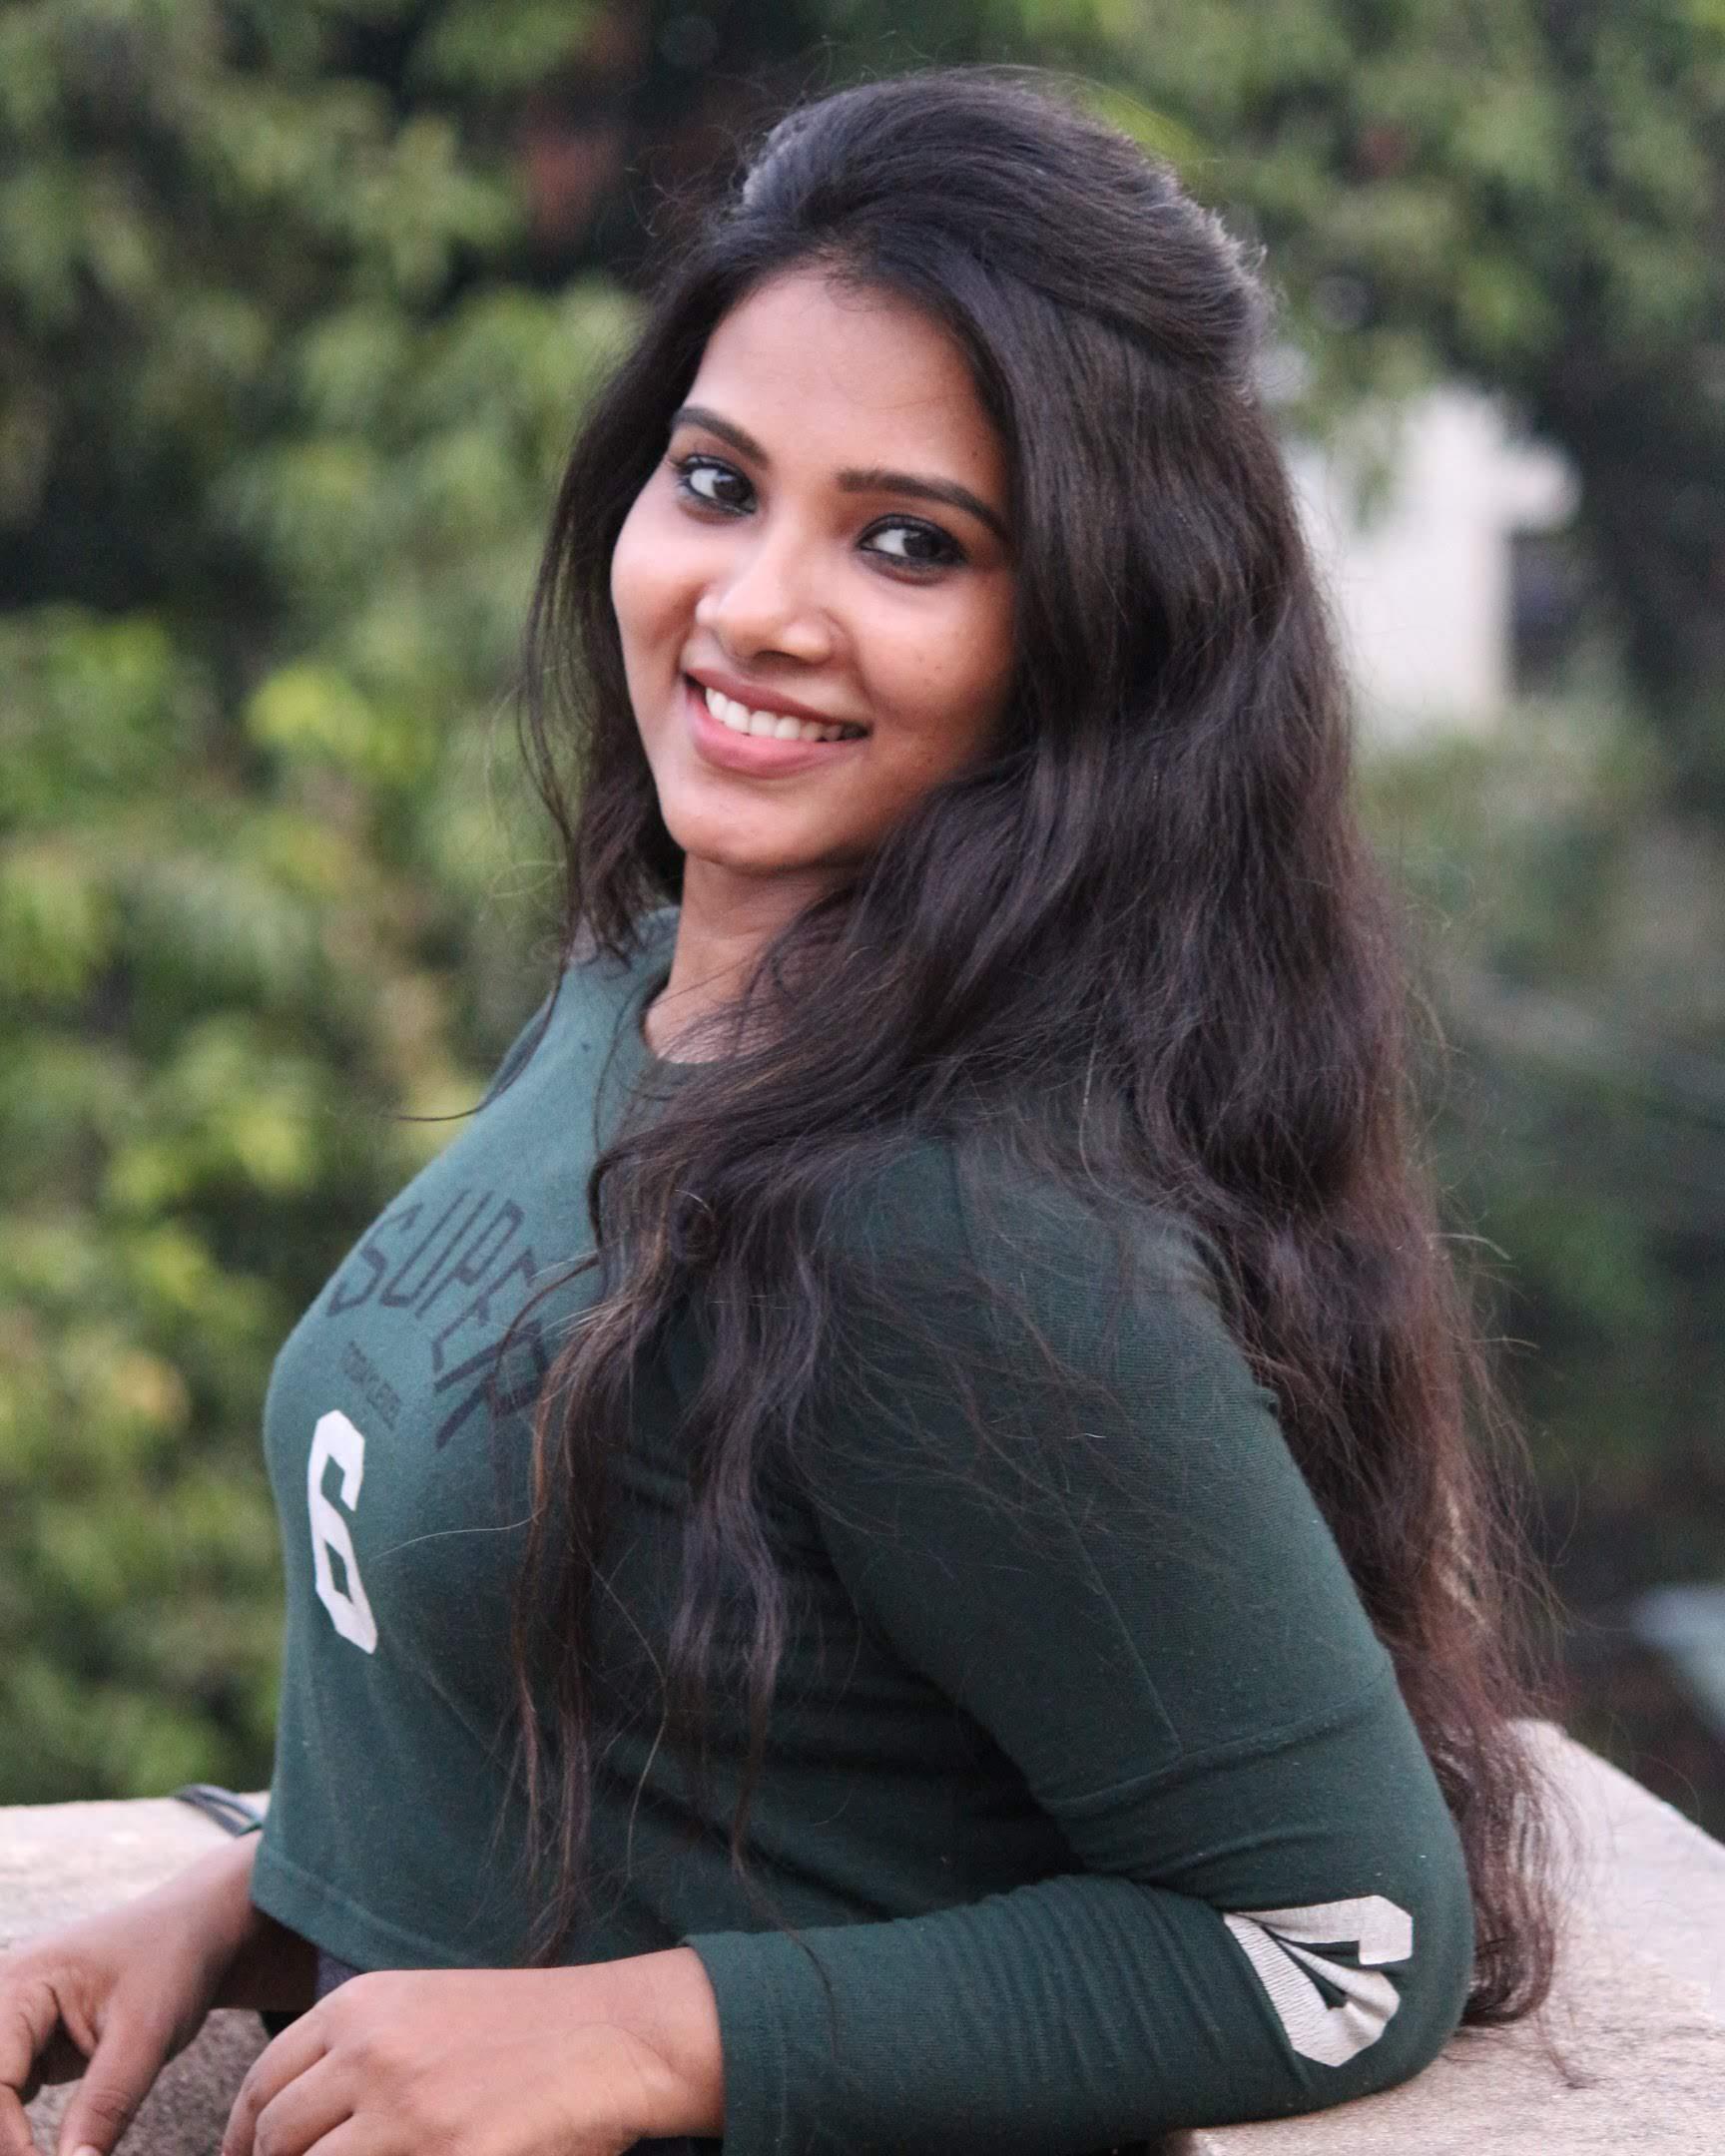 Dhivya-Dhuraisamy-49